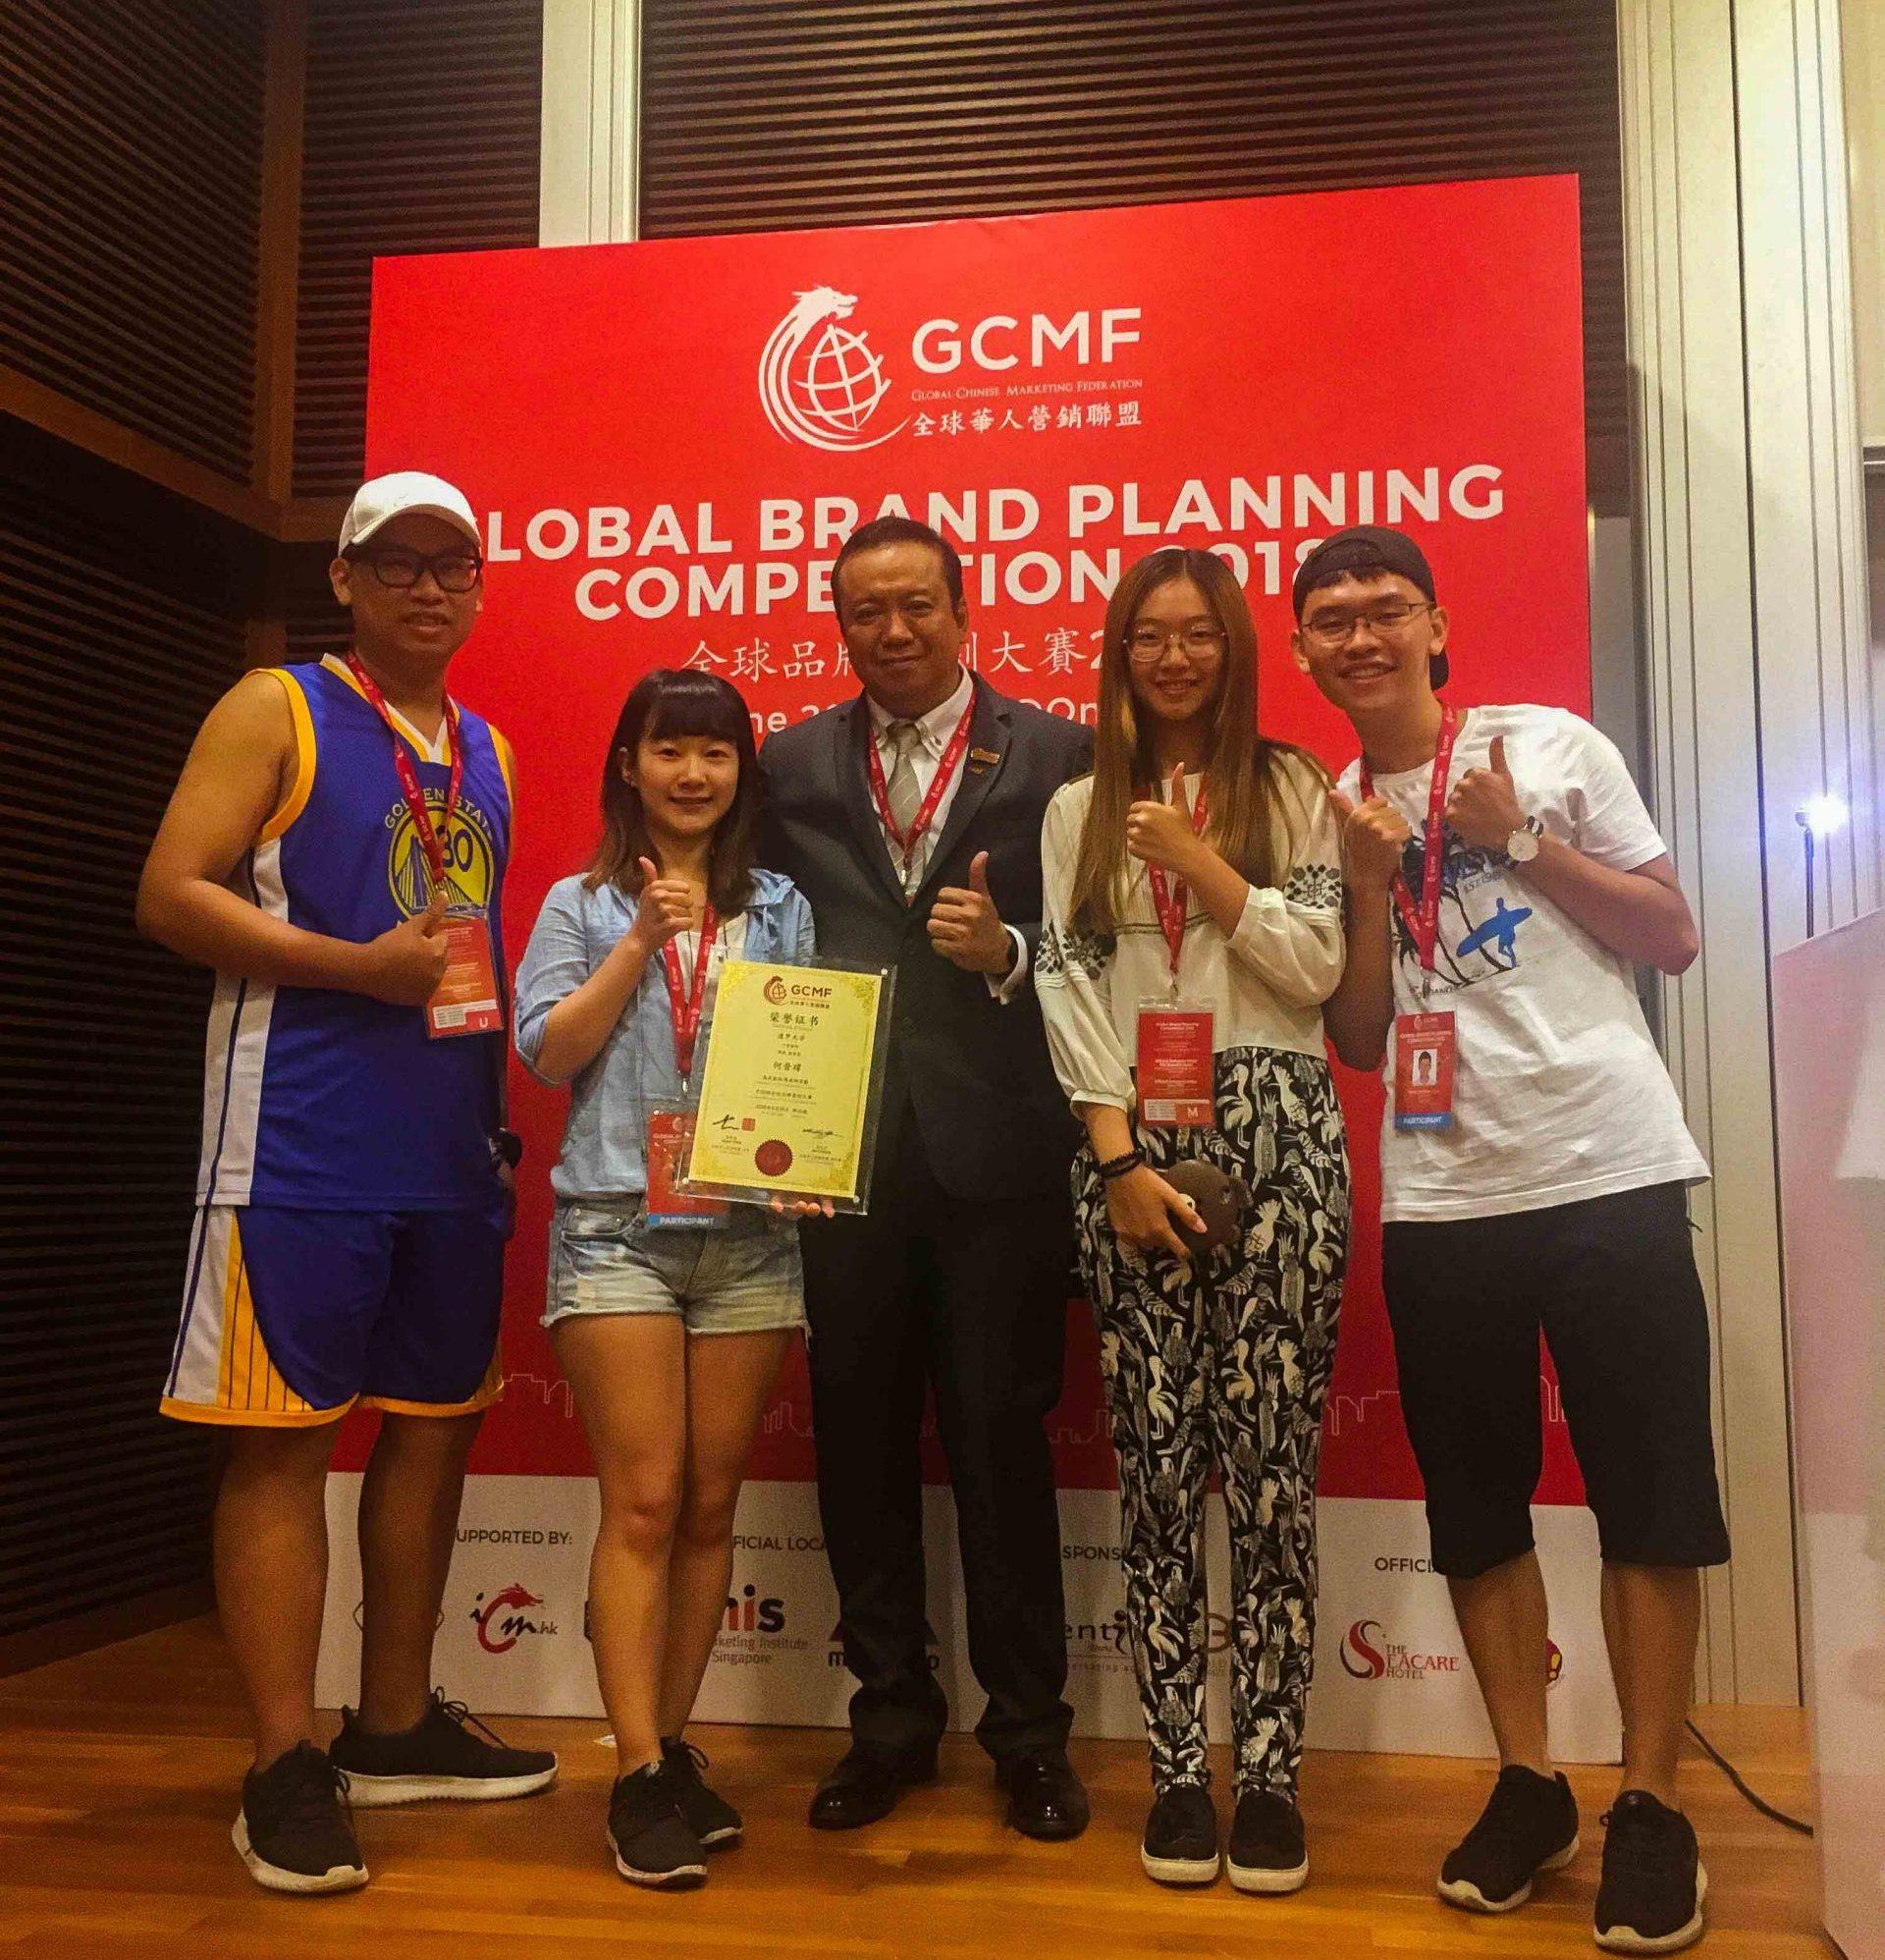 新加坡全球品牌策畫大賽榮獲銀獎